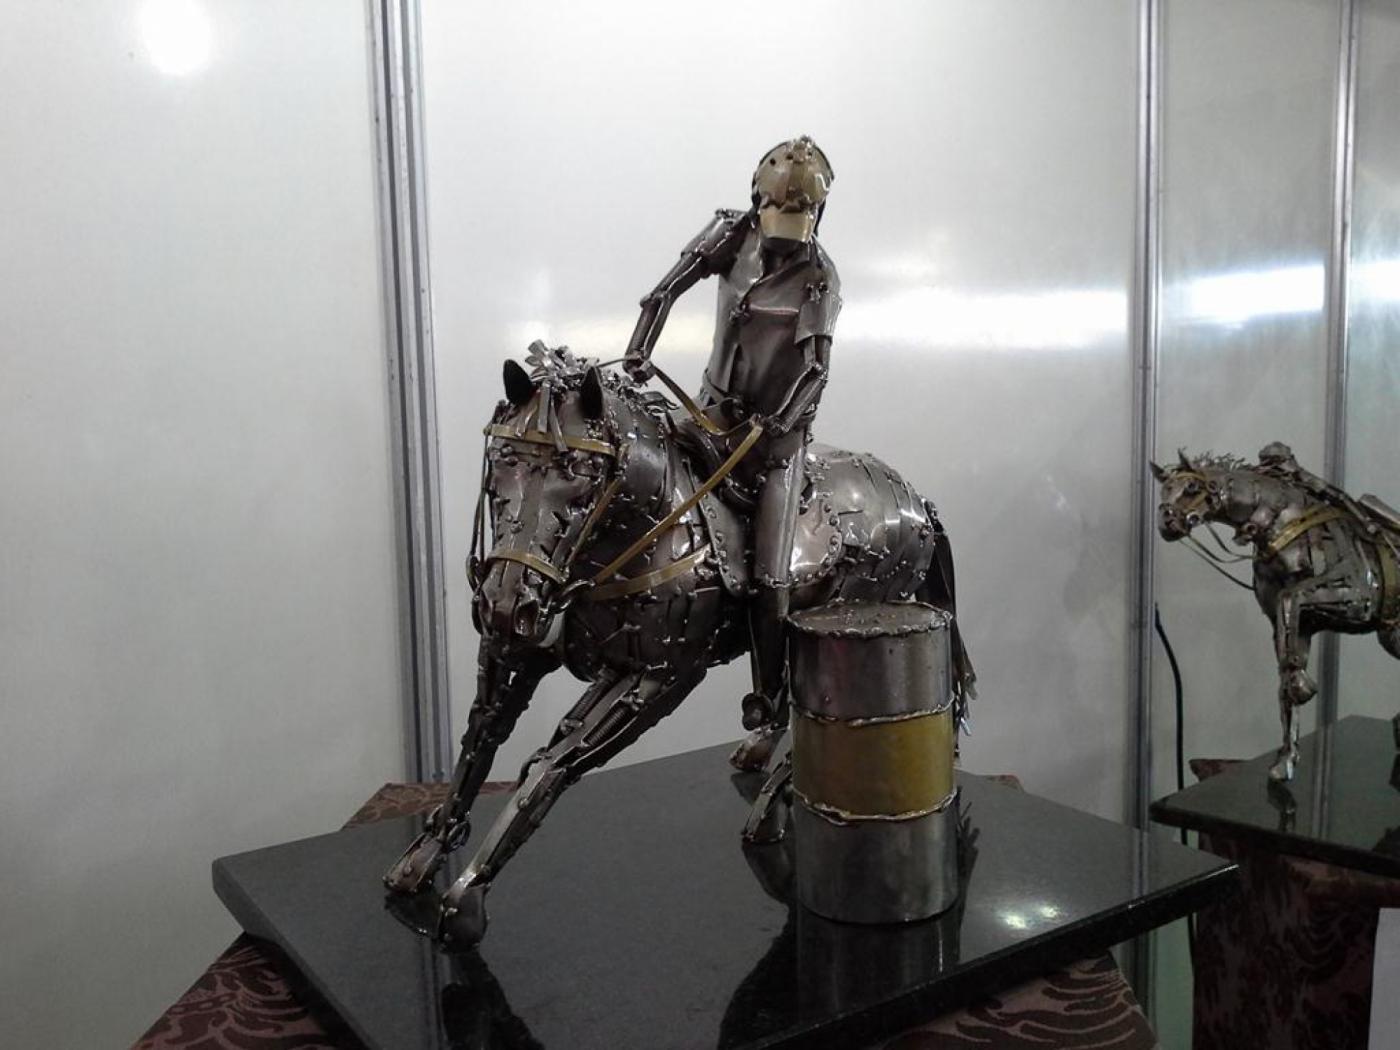 Prova do Tambor- Haras Raphaela Ze Vasconcellos Metal SculpturesZe Vasconcellos Metal Sculptures - Metal Sculptures - Campinas - São Paulo - Brasil Esculturas em Metal, Metal Sculptures, Cavalo Metal, Horse Metal, Art Metal, Ze Vasconcellos Metal Sculptures